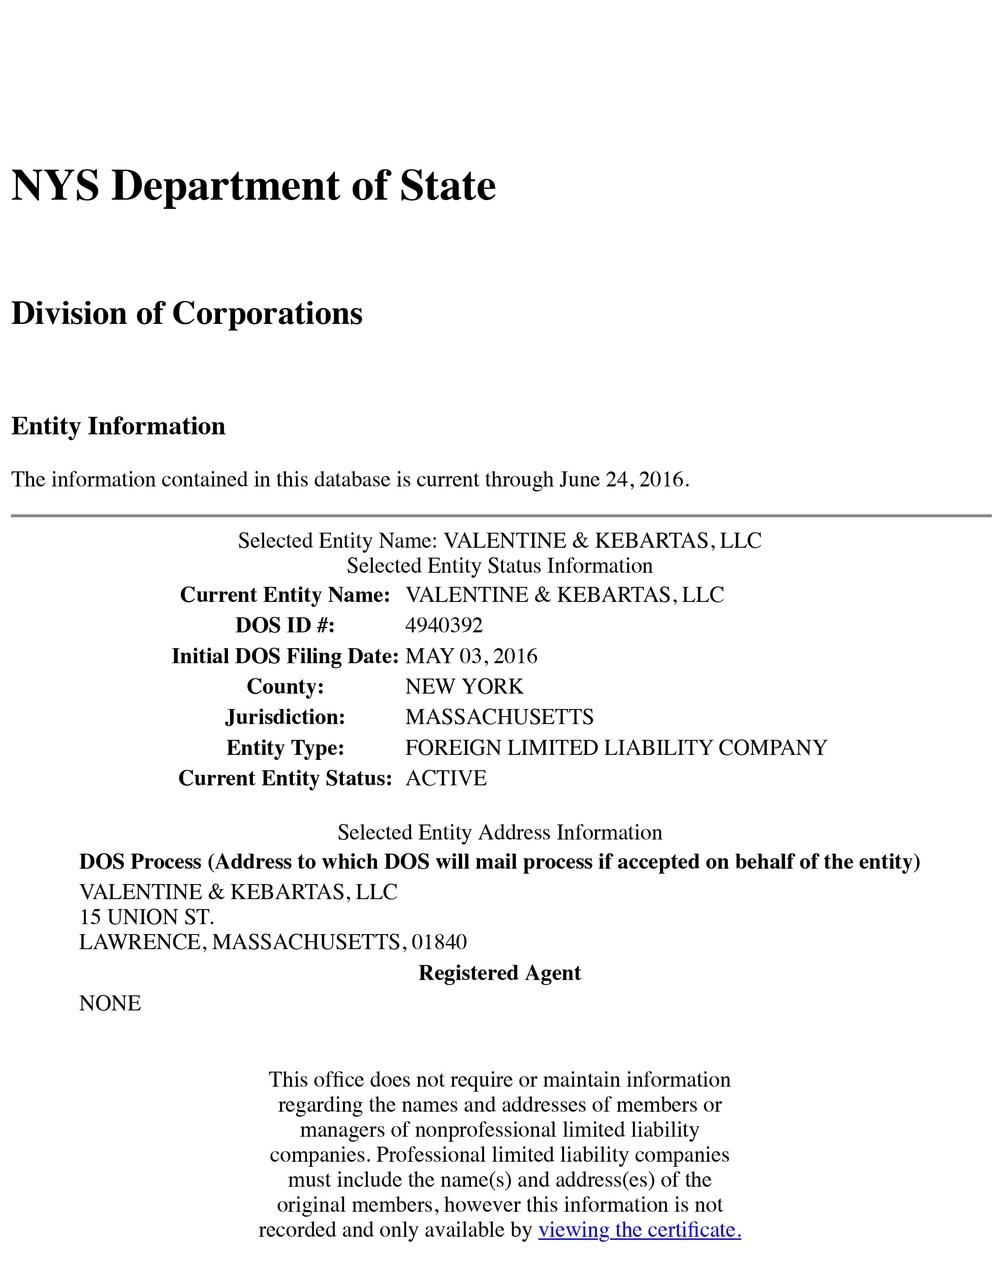 Who Is VALENTINE KEBARTAS LLC